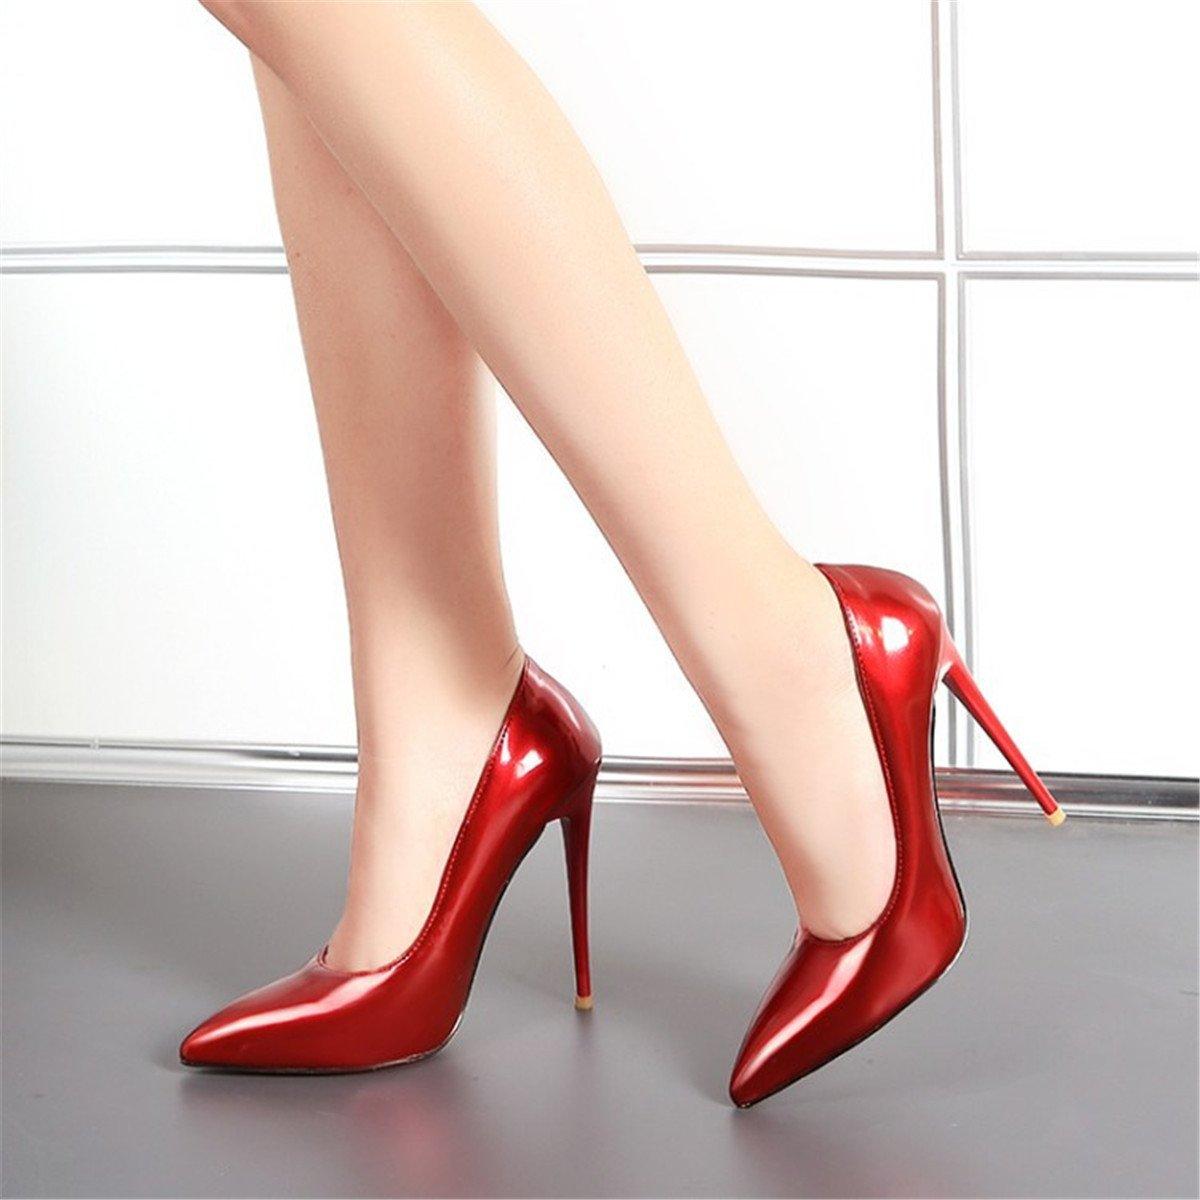 Damens's Schuhes Comfort Sandales Walking Walking Walking Schuhes | Damen Sandalen | Sandalette Präsident high-heel Schuhe | Schuhe mit hohen Licht ist gut mit der Hochzeit Schuhe Sandalen | Frauen ROT 9517cf